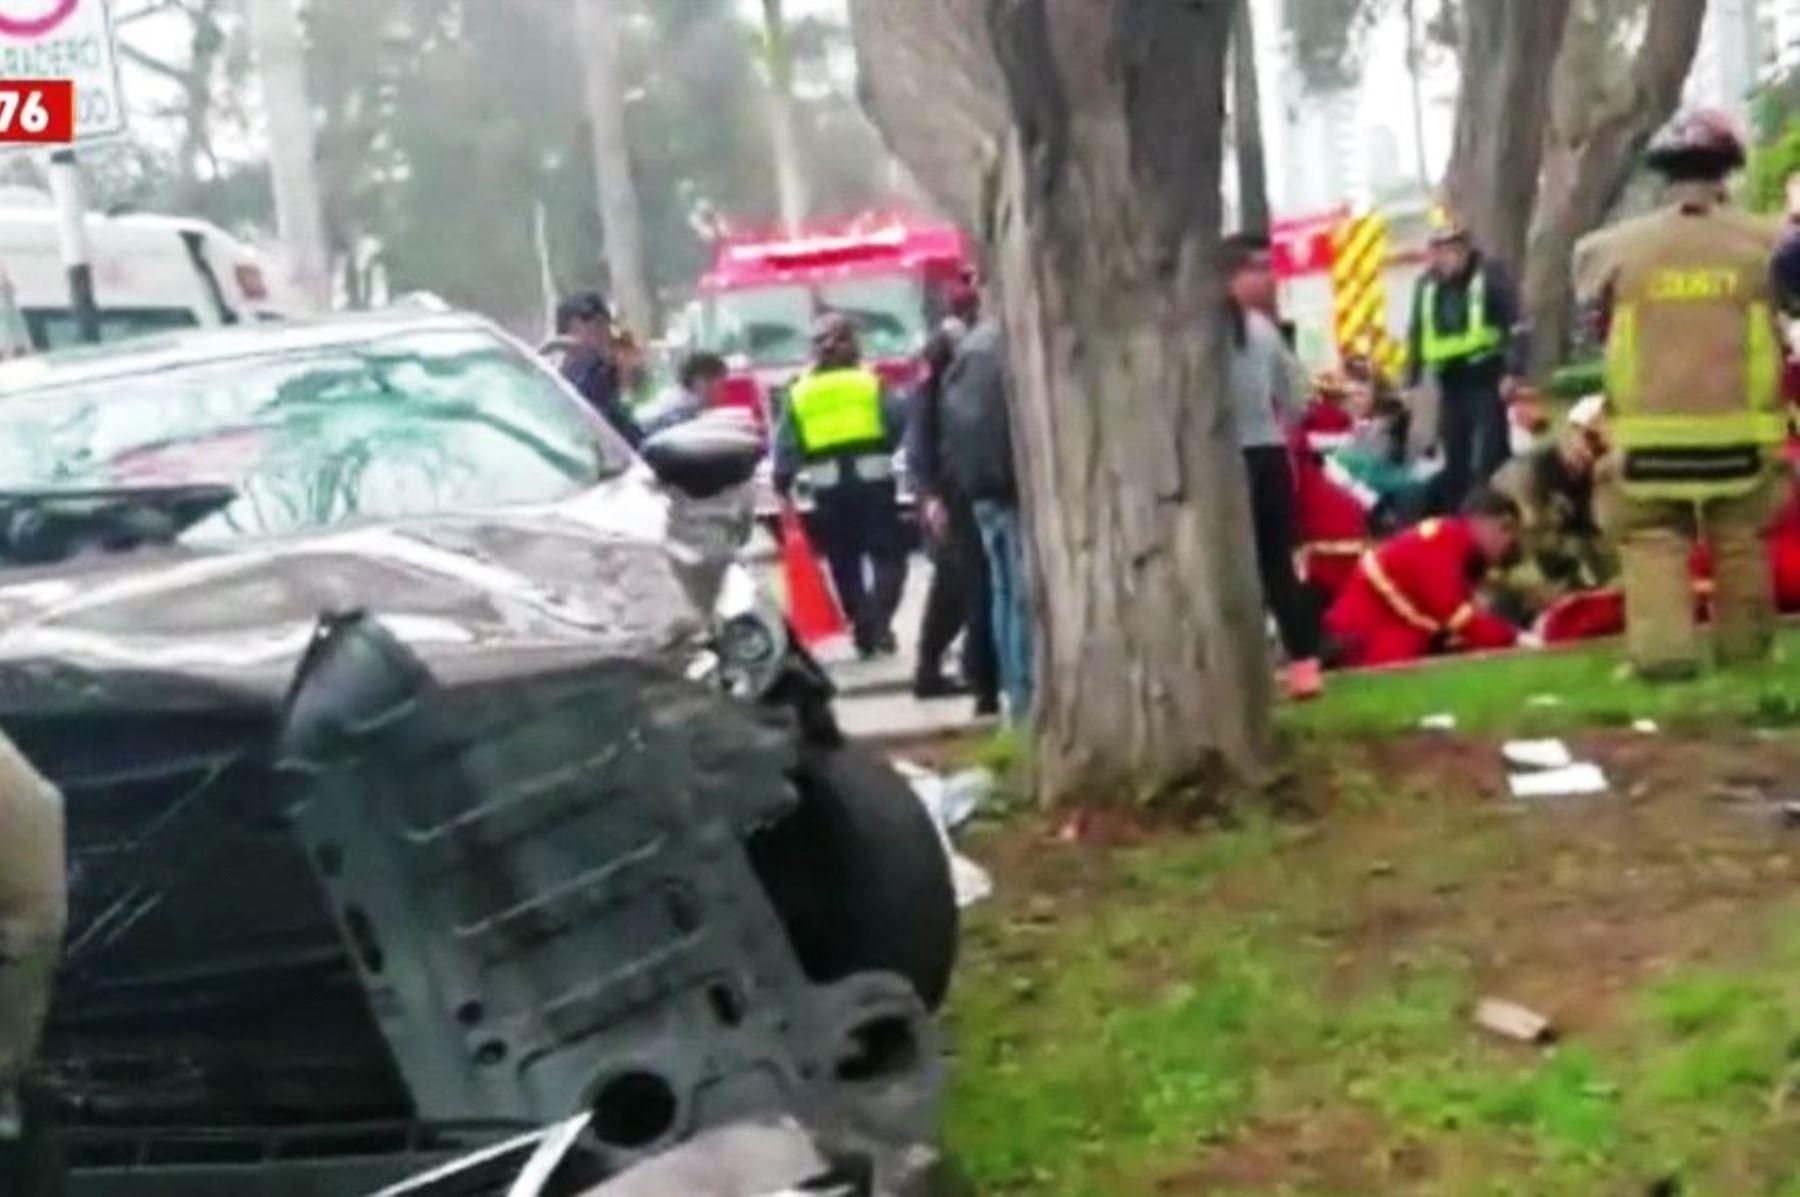 Un muerto y dos heridos deja accidente de tránsito en San Isidro. Foto: ANDINA/difusión.